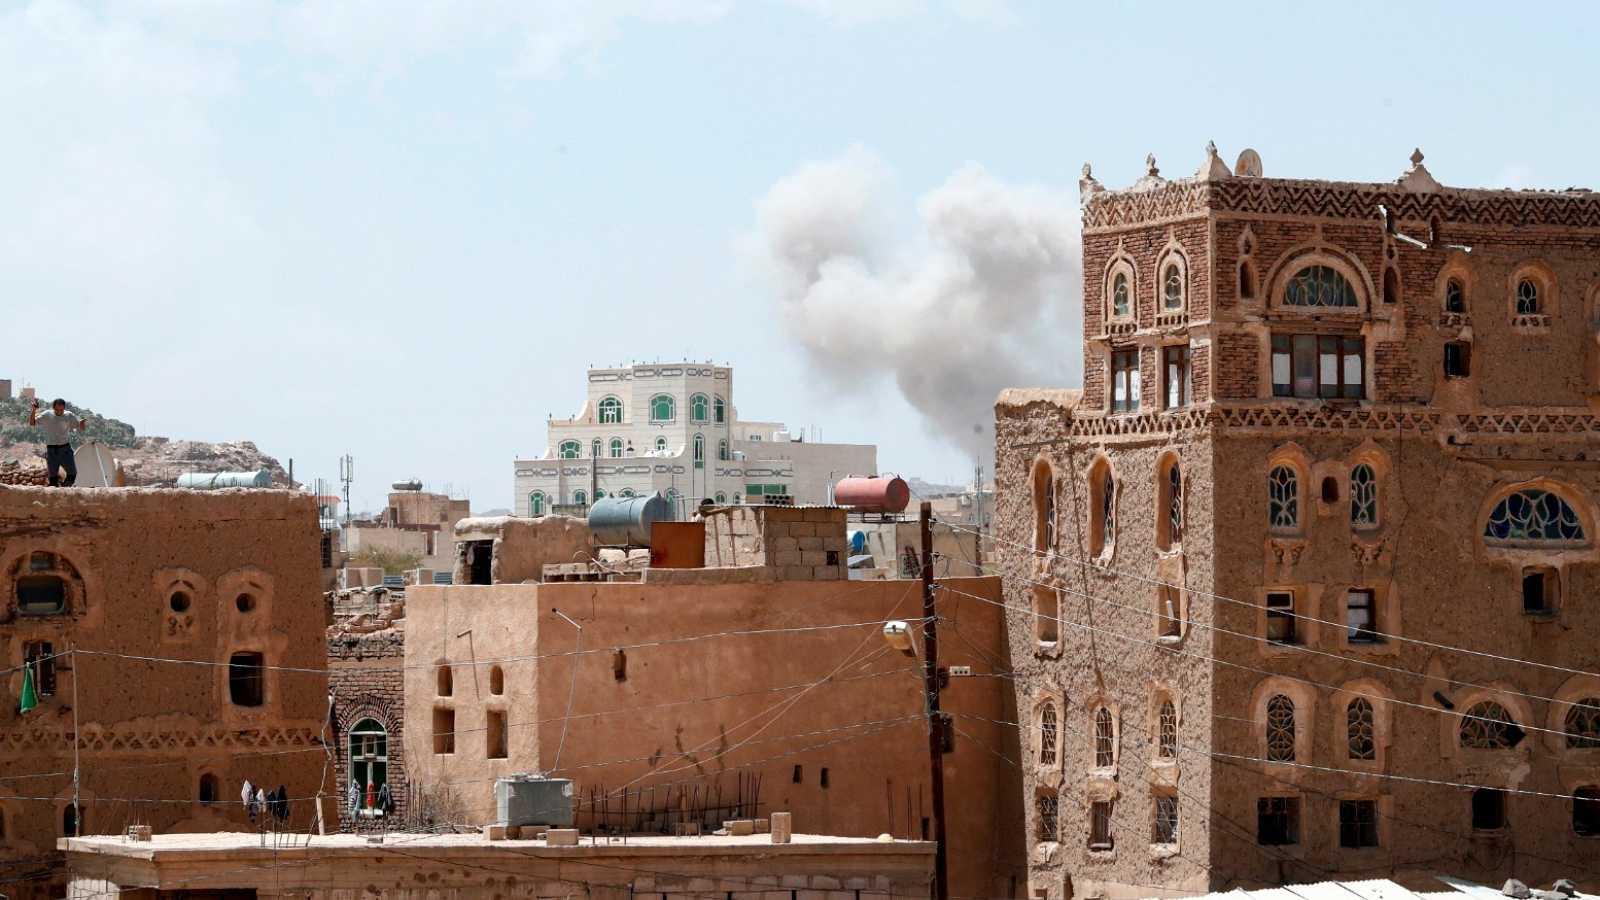 El humo asoma sobre las casas tras un ataque aéreo en Sanaa